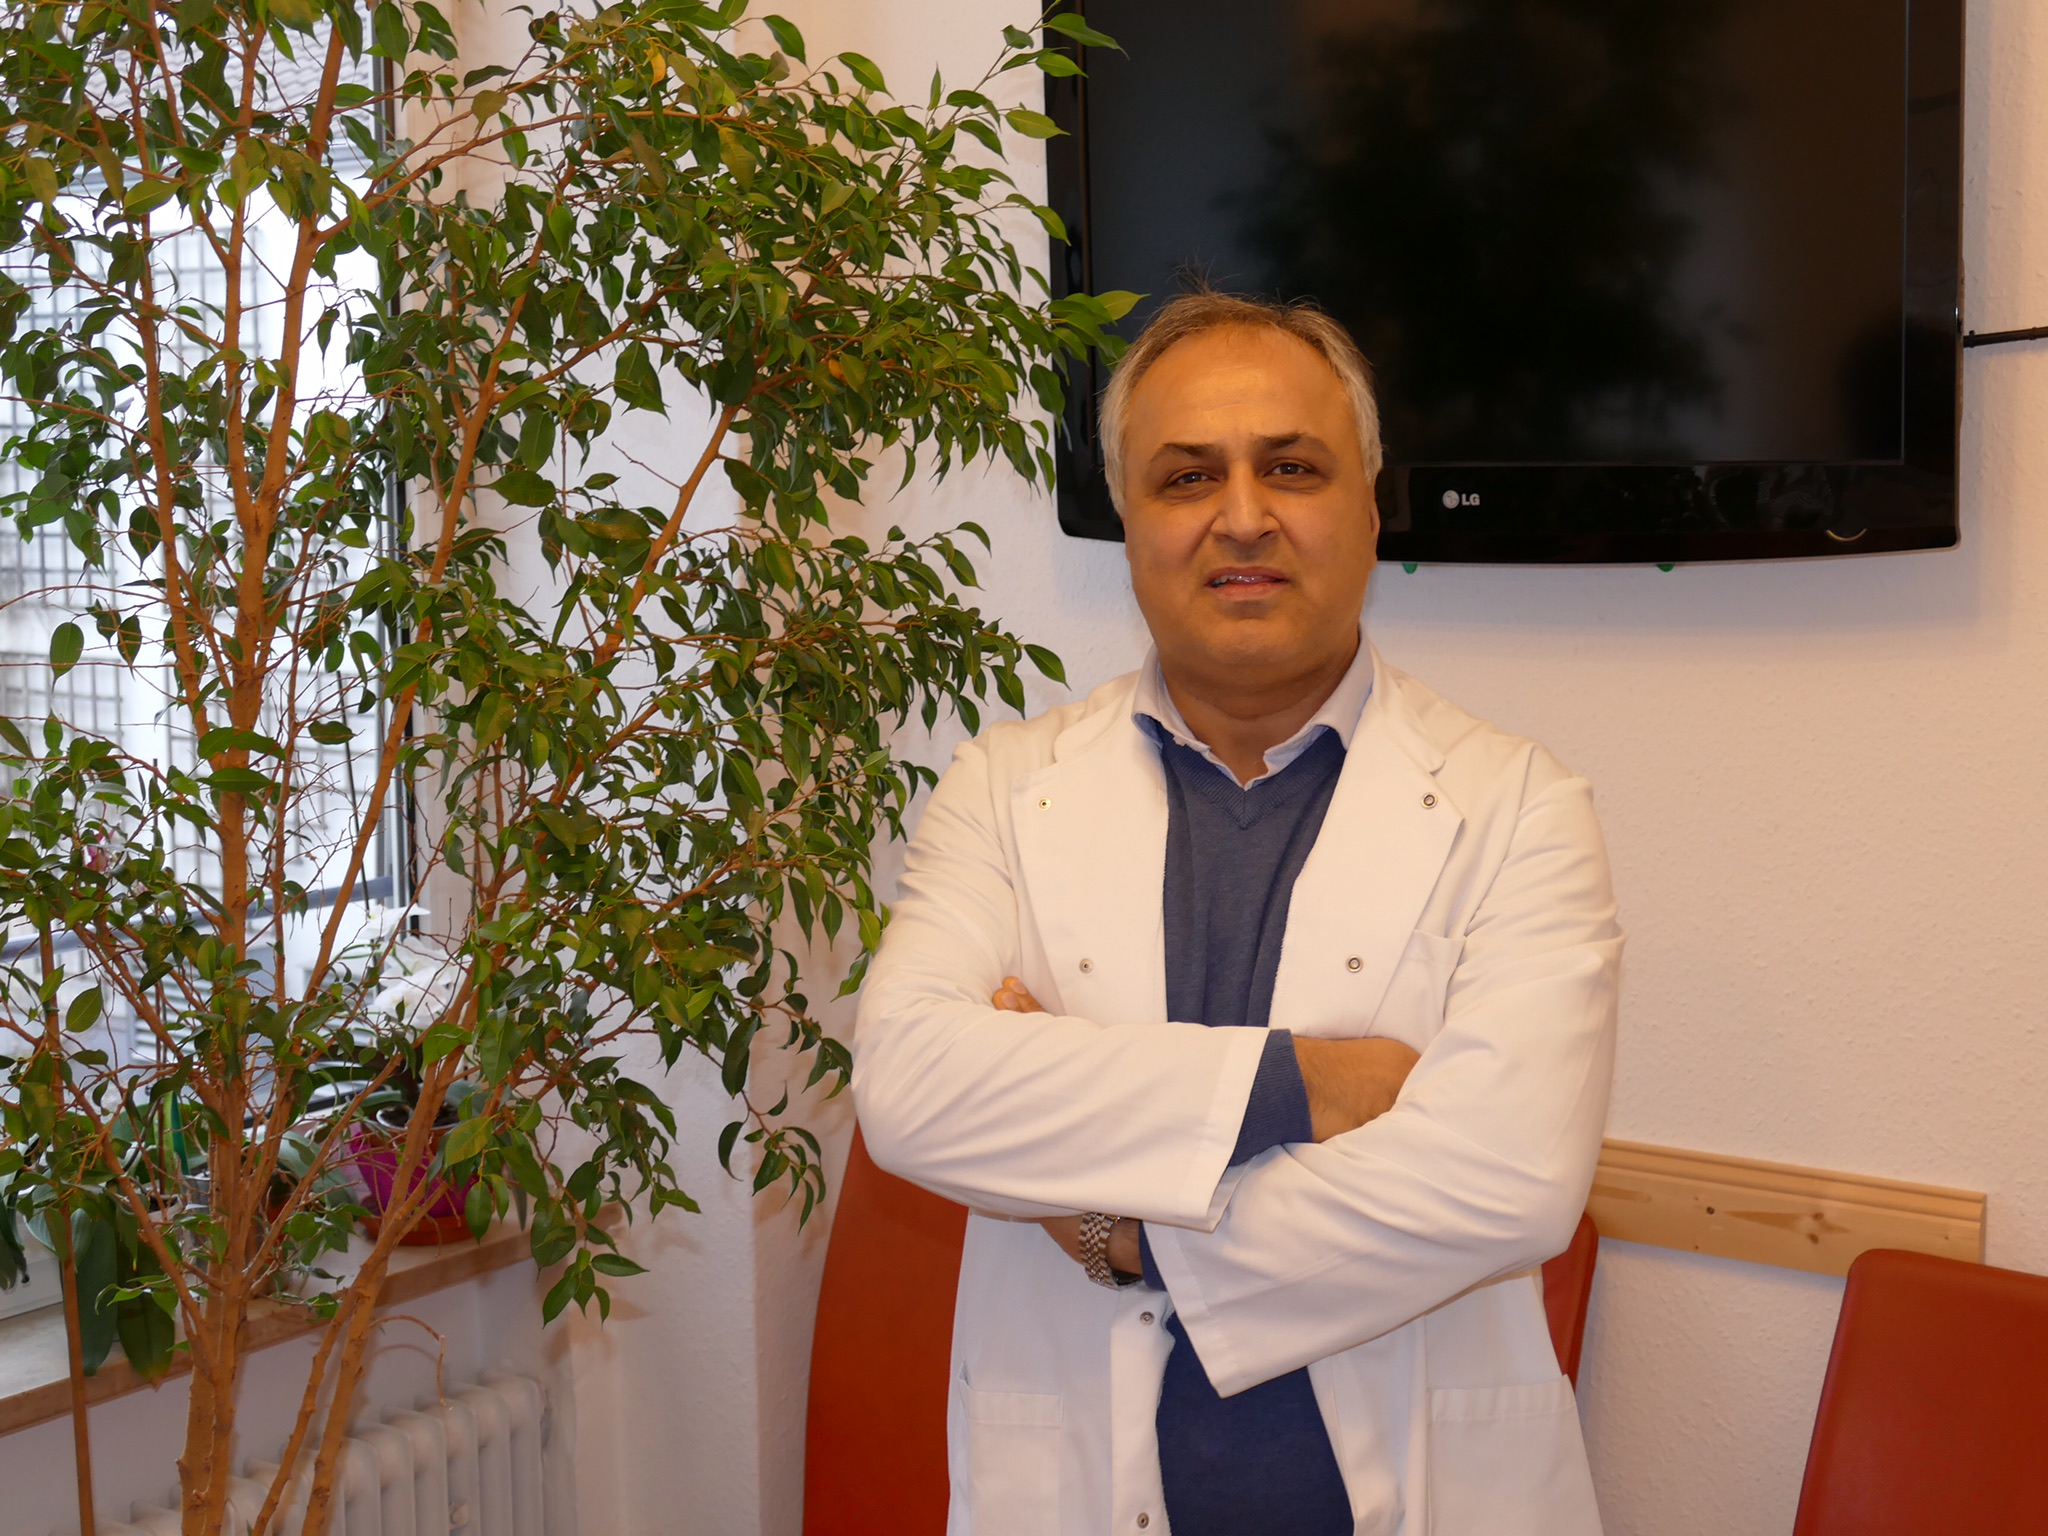 Bild der Hausarzt & Internist in München I Roberto M. Khatami